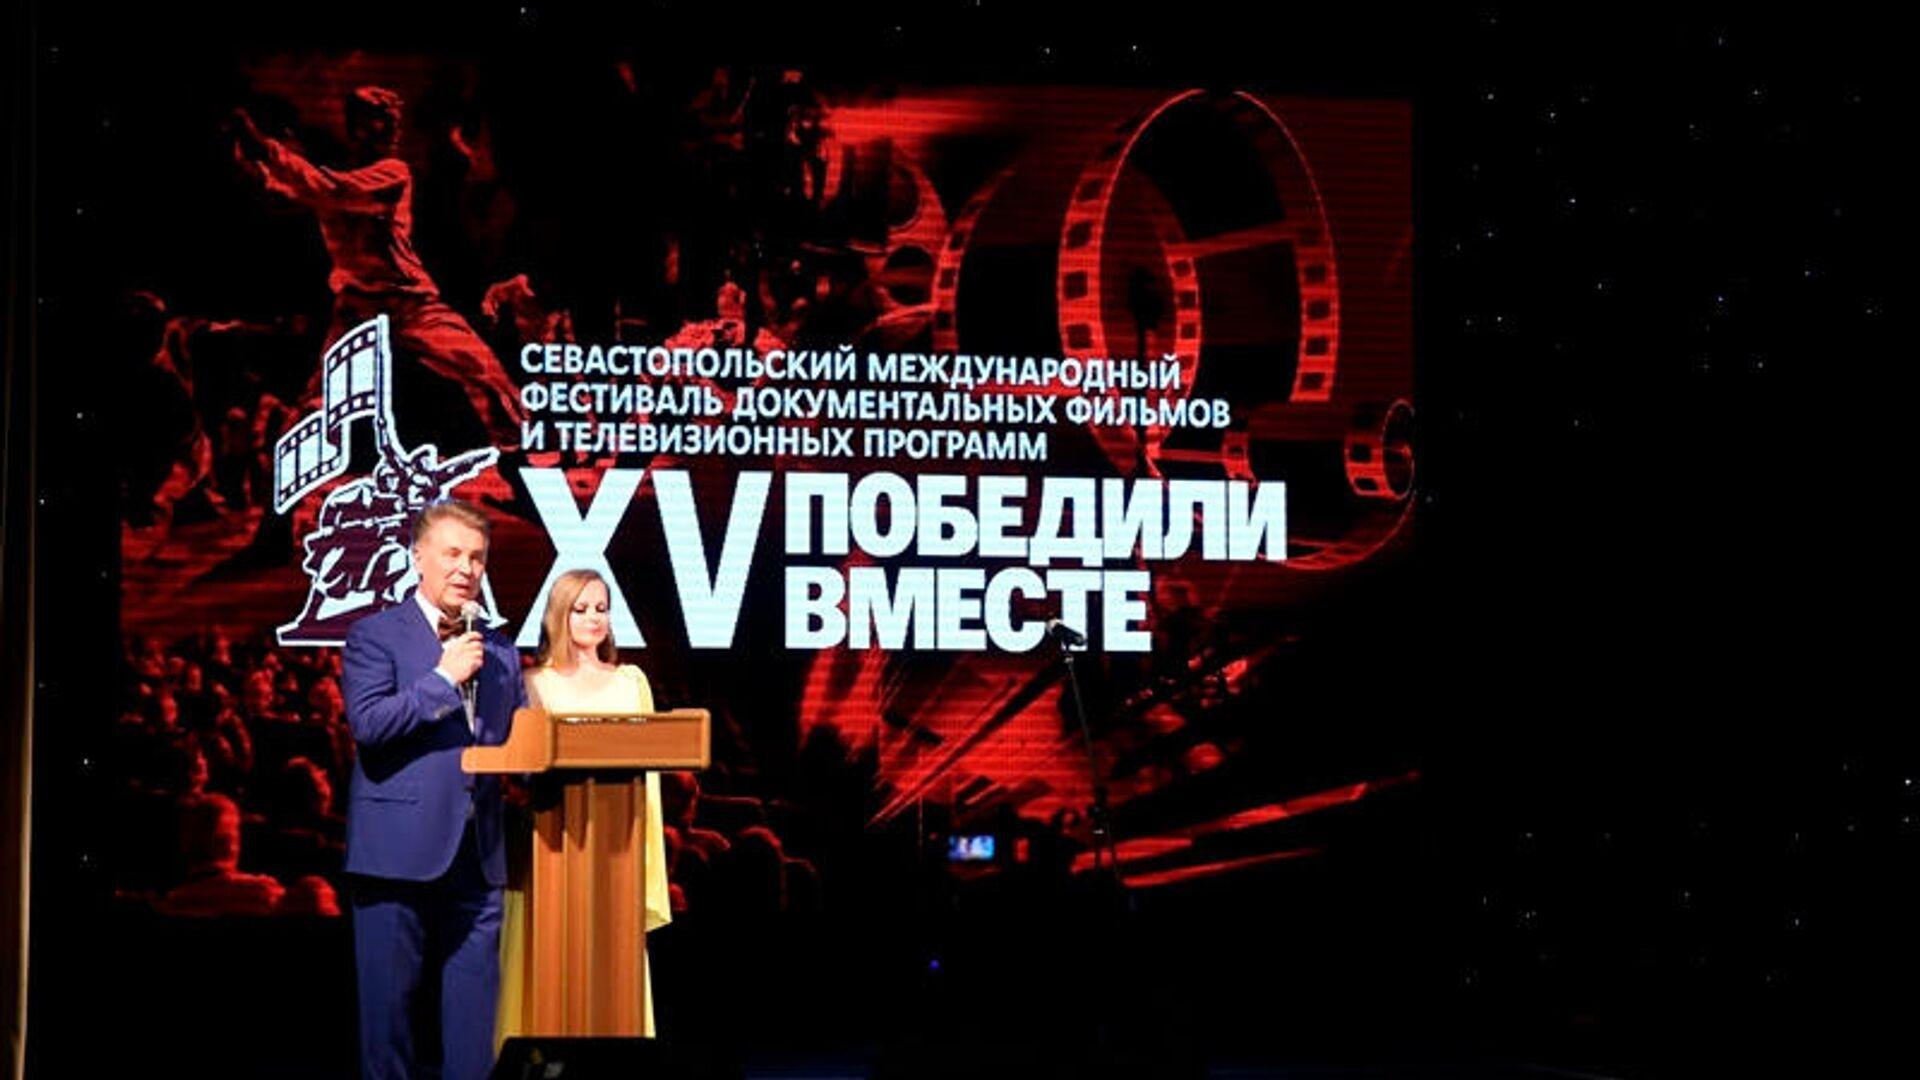 Церемония открытия XV Севастопольского международного фестиваля документальных фильмов и телепрограмм Победили вместе, 12 мая 2019 года - Sputnik Латвия, 1920, 30.08.2021